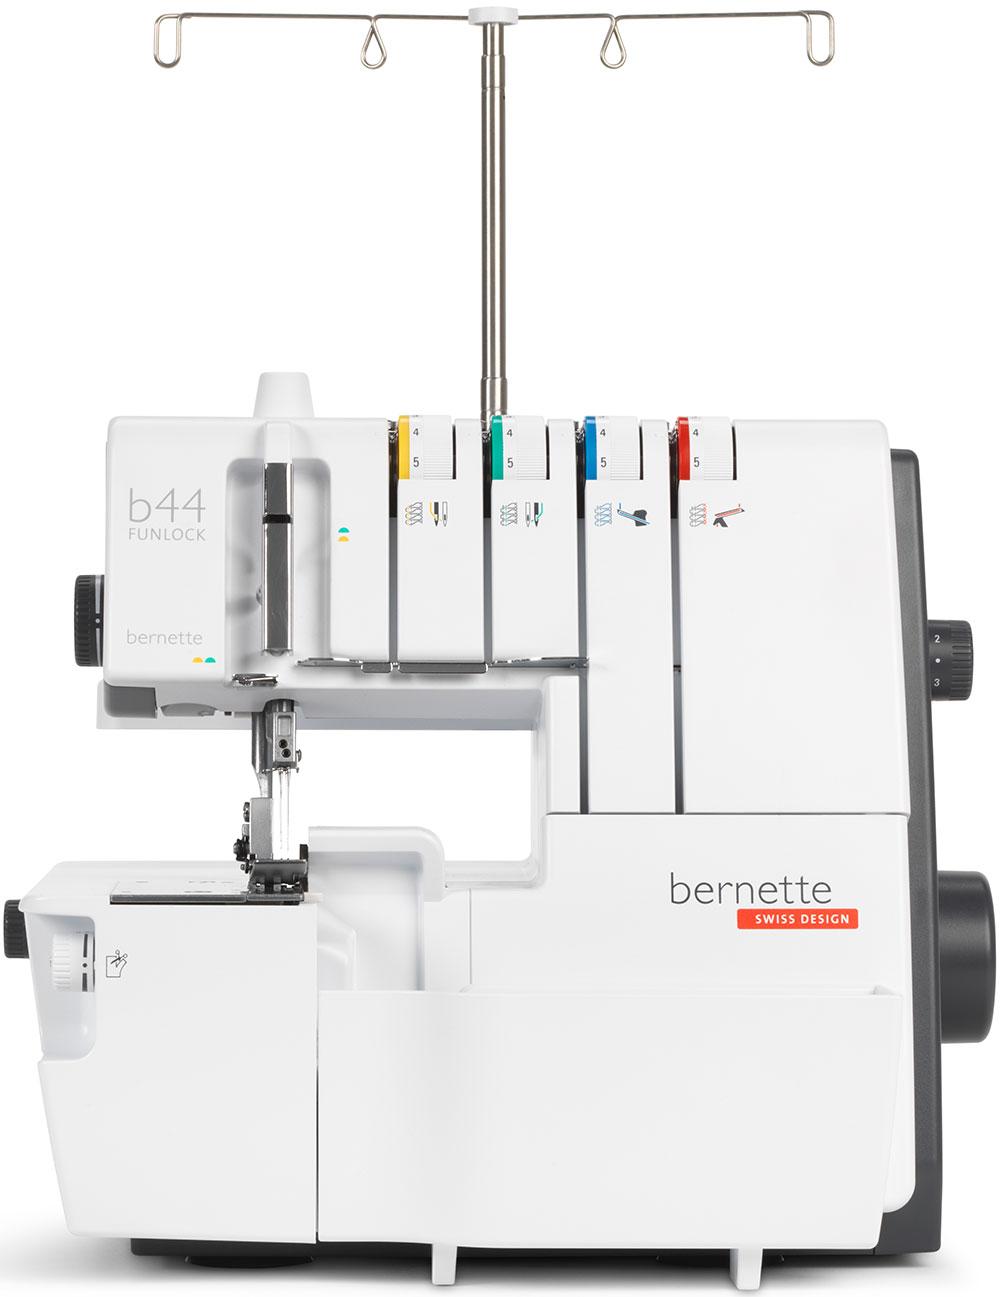 bernina-bernette-funlock-b44-lock